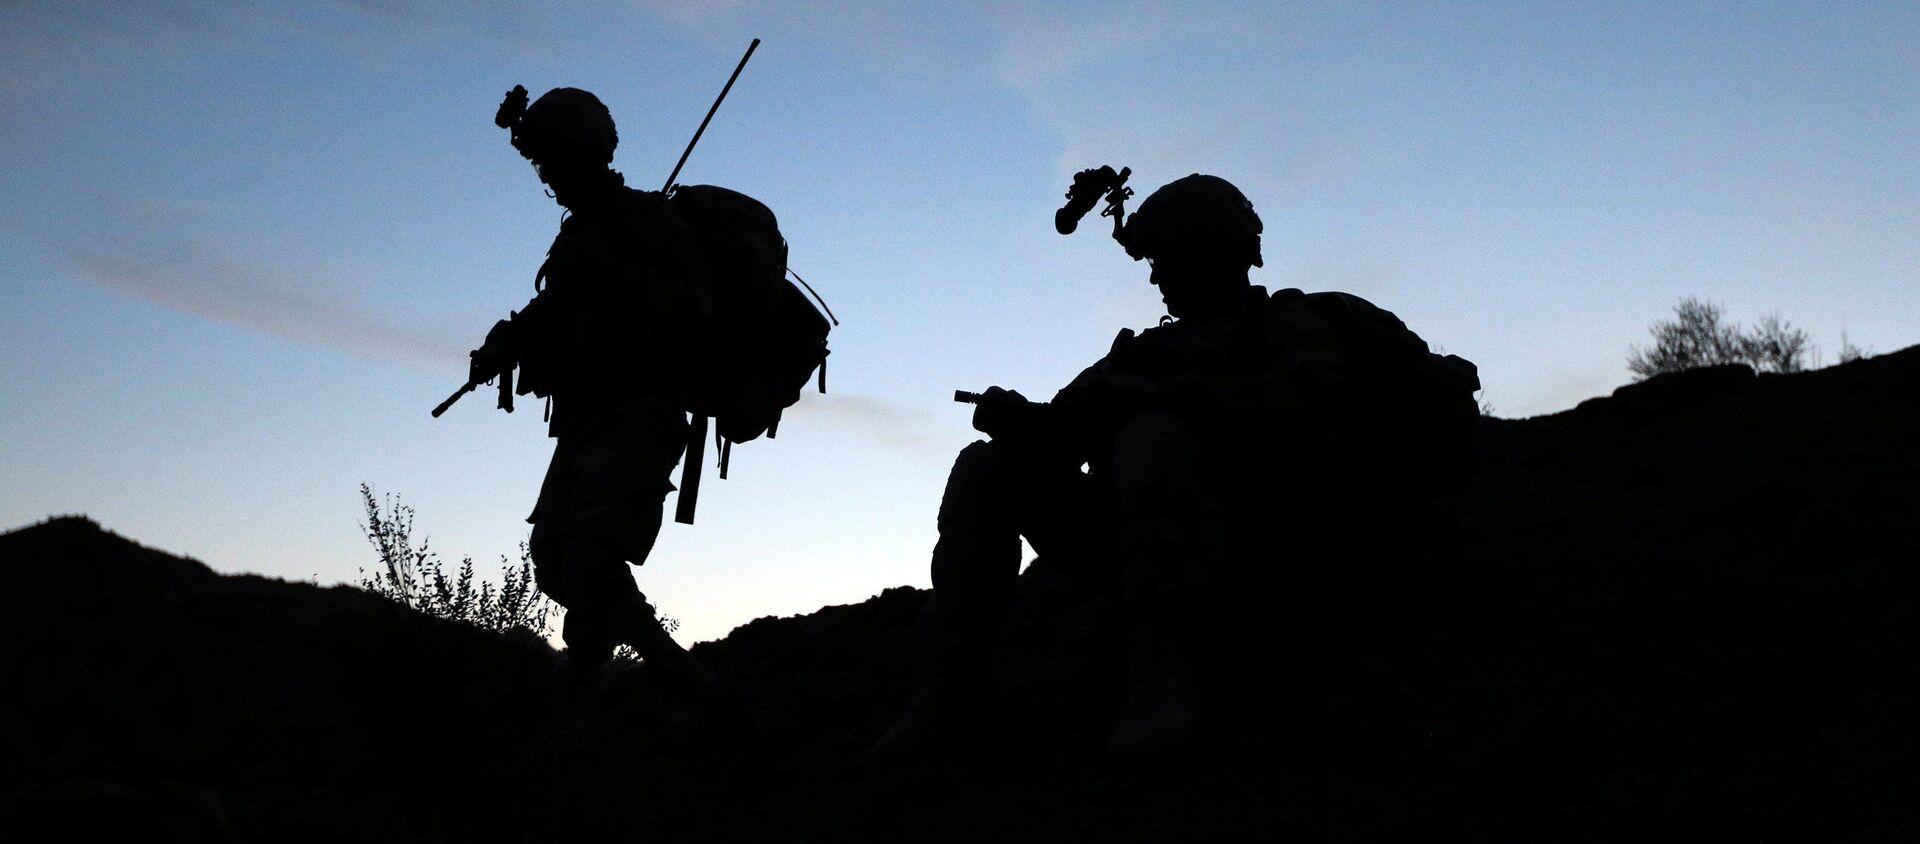 Američtí vojáci na afhgánsko-pákistánské hranici - Sputnik Česká republika, 1920, 10.04.2021